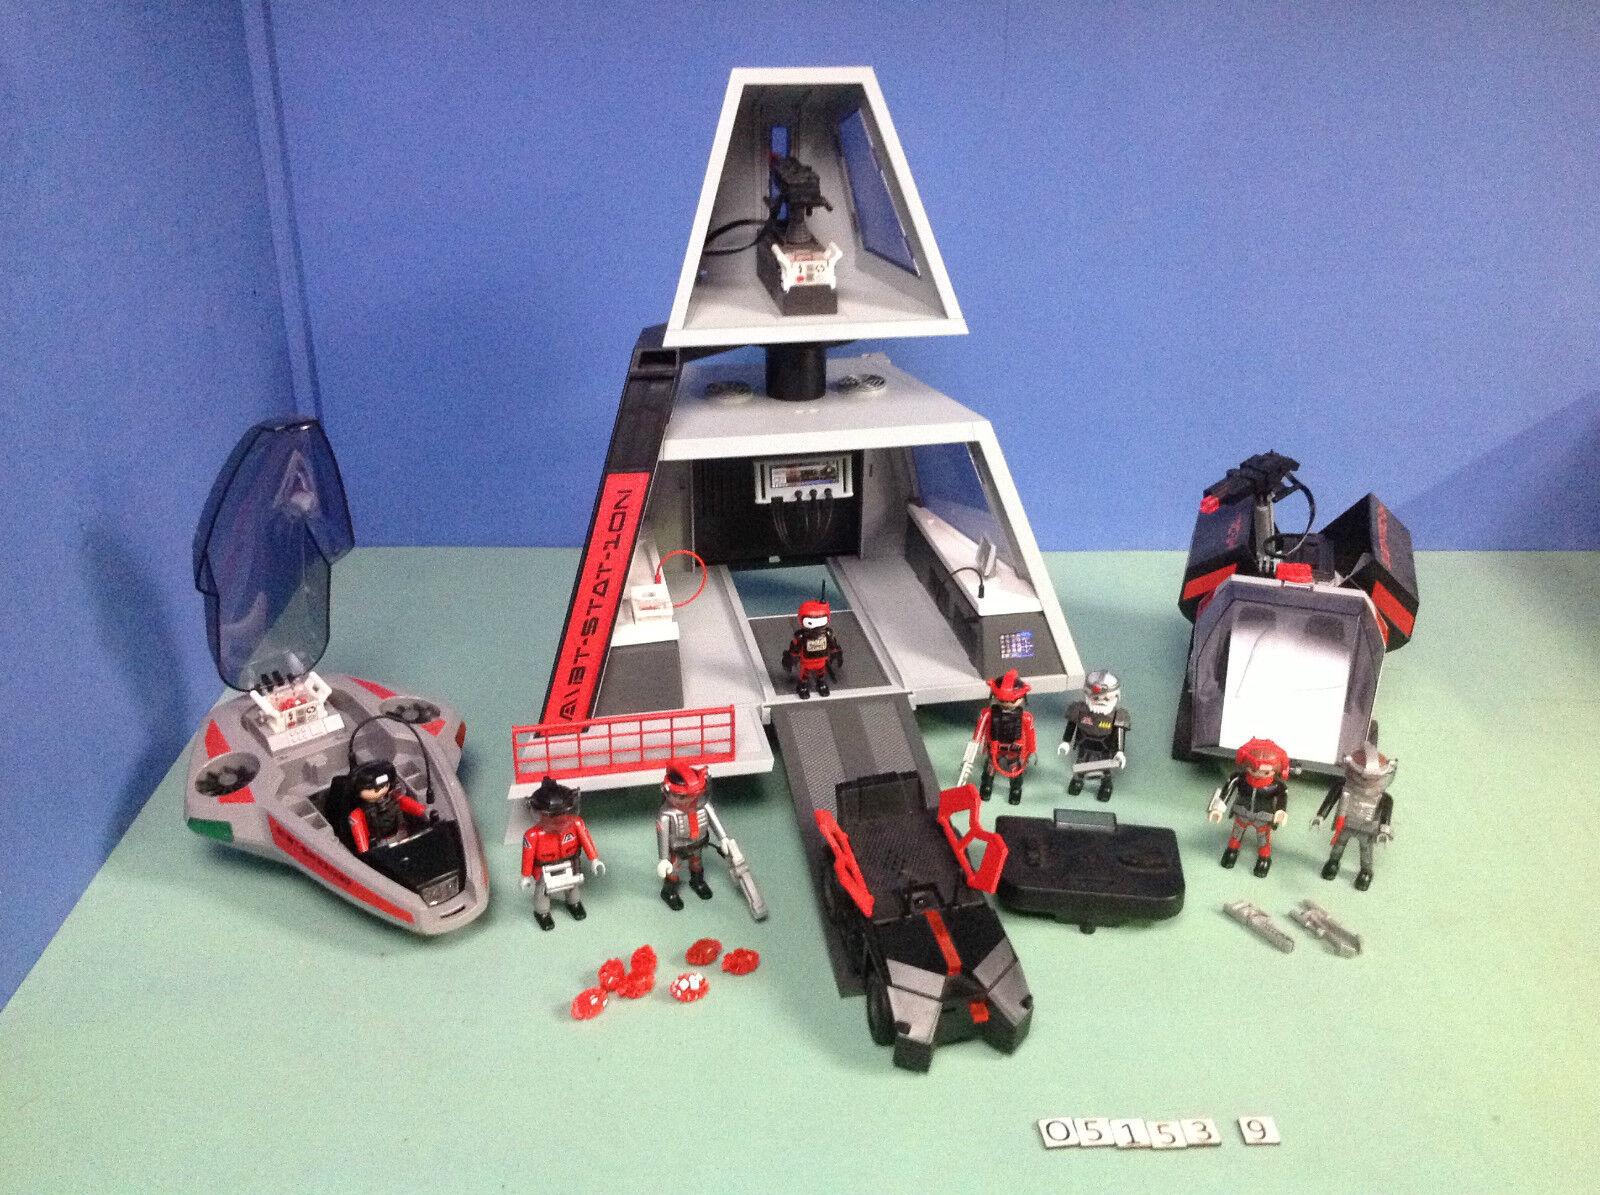 (O5153.9) Playmobil Planet Futuro Base 5153+Veicolo 5154 + Nave 5155